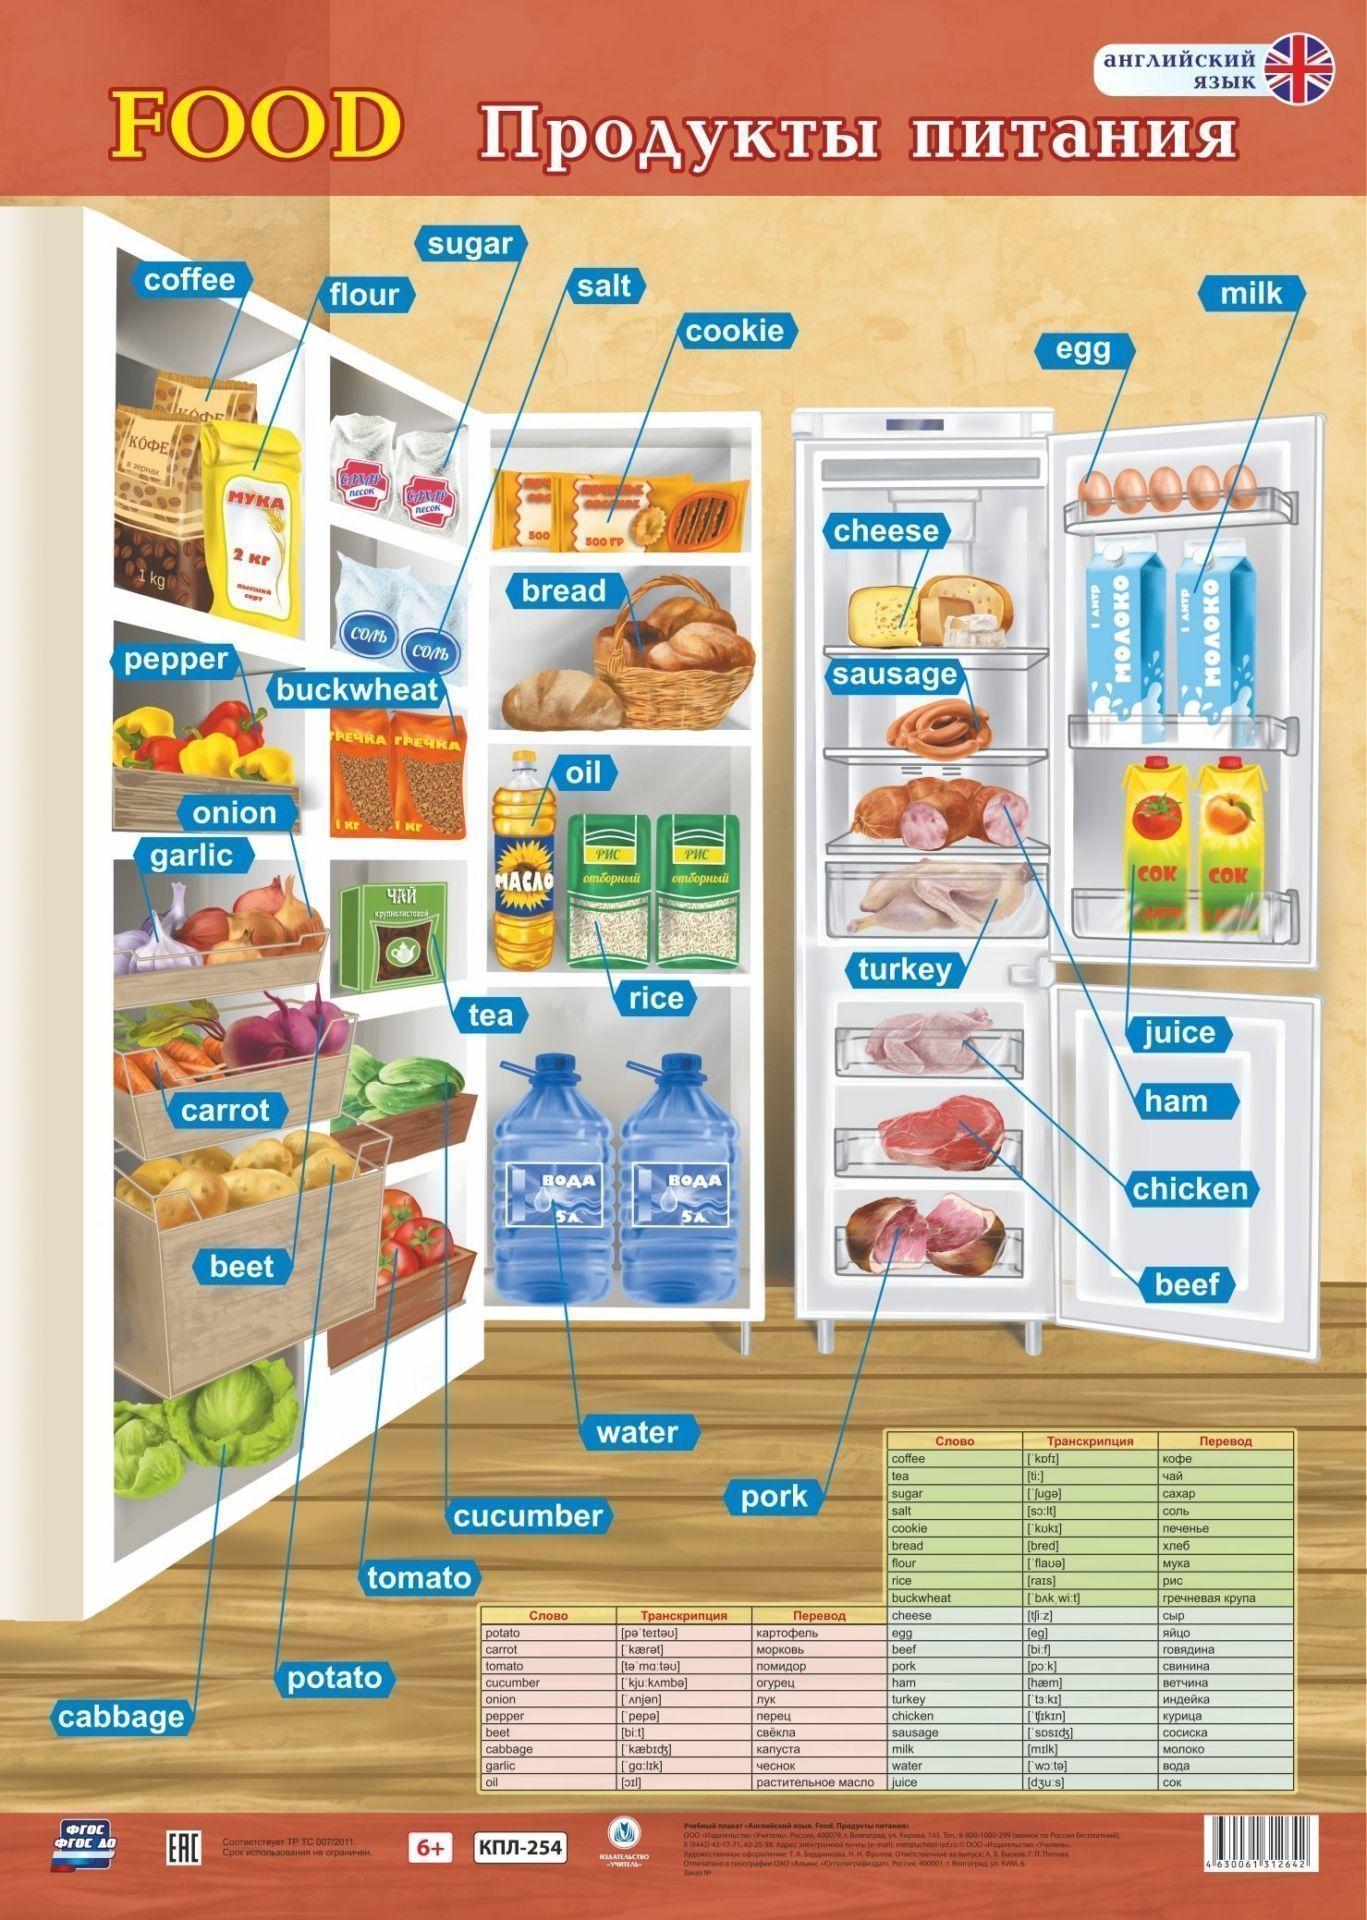 Учебный плакат. Английский язык. Food. Продукты питания: Формат А2